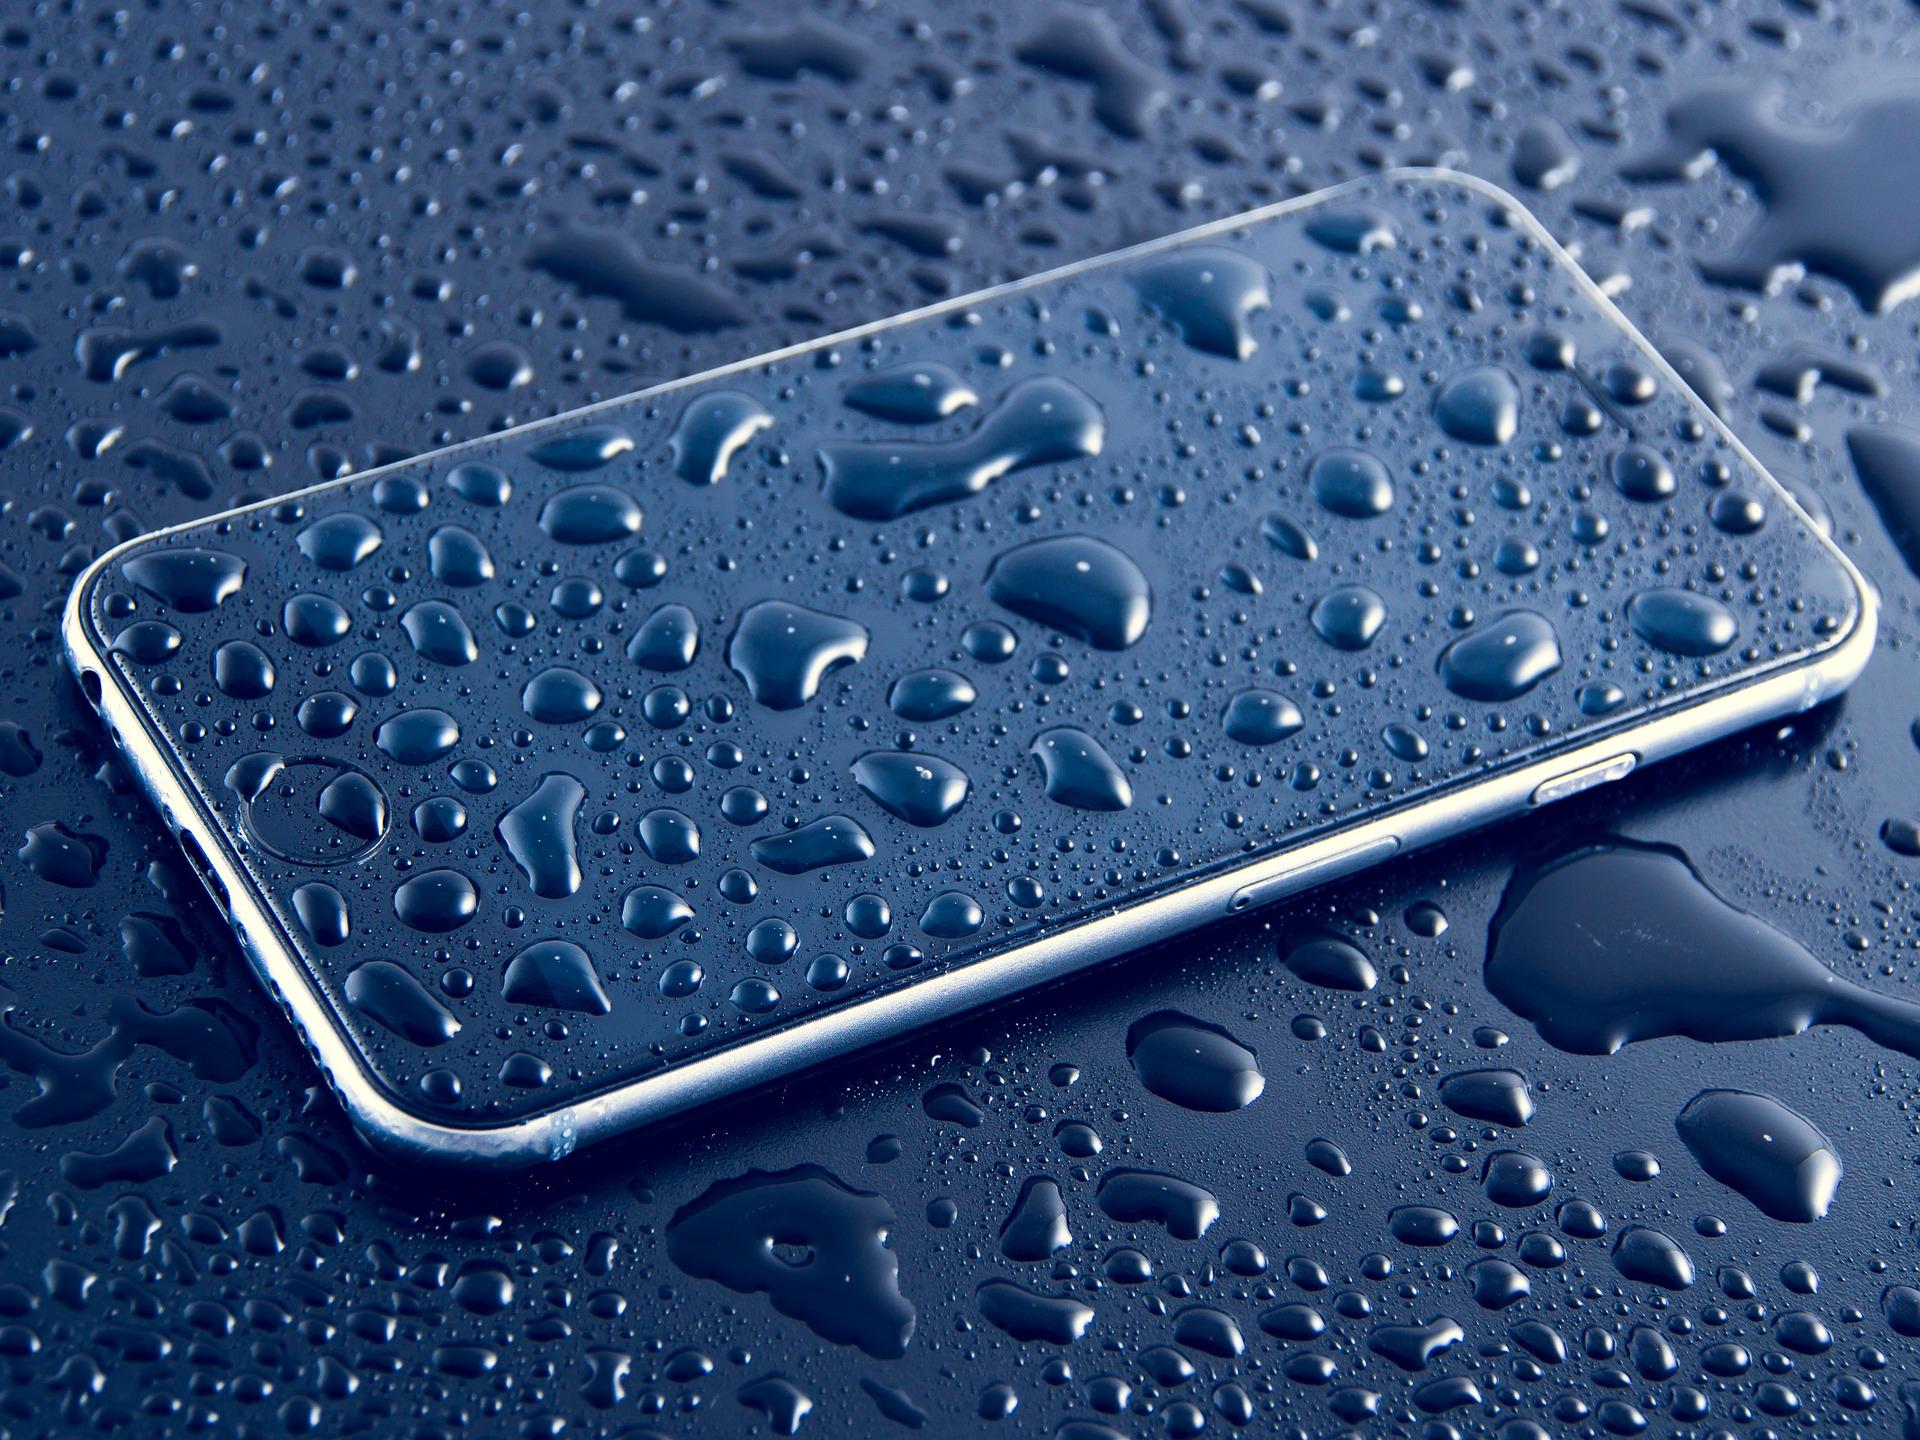 Jak osuszyć zalany telefon? Porady eksperta!